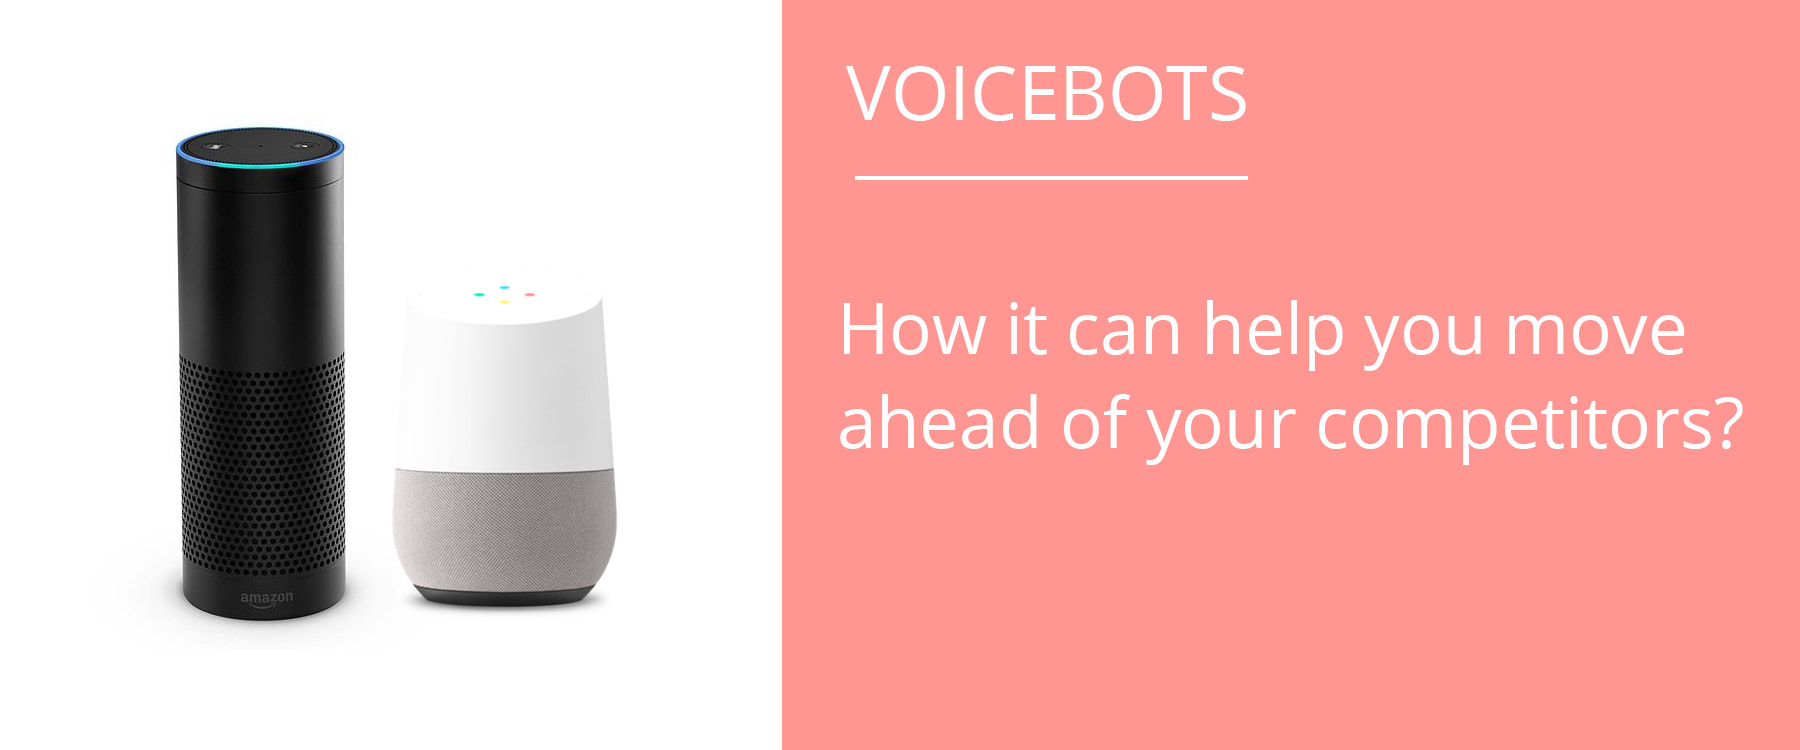 Voicebots Banner